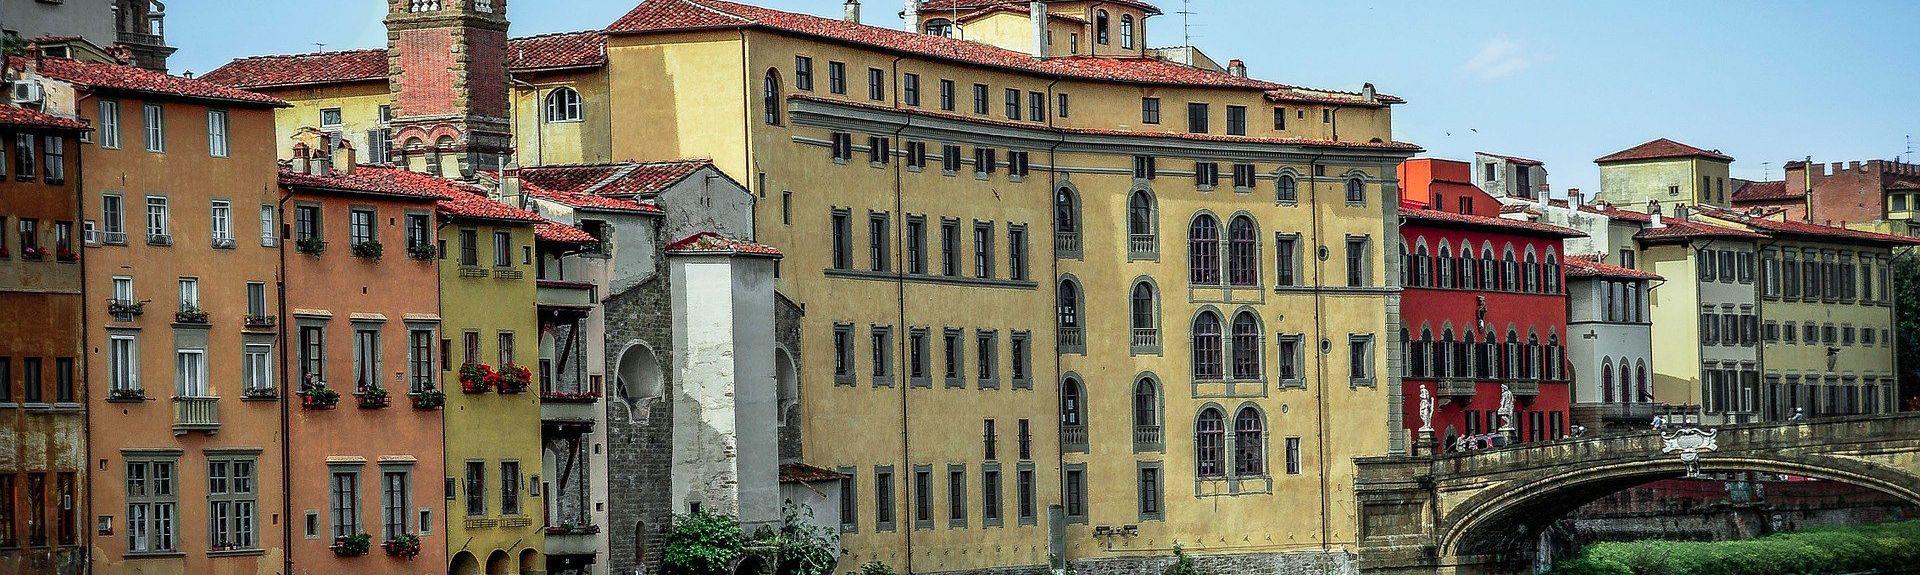 Oltrarno, Florença, Toscana, Itália